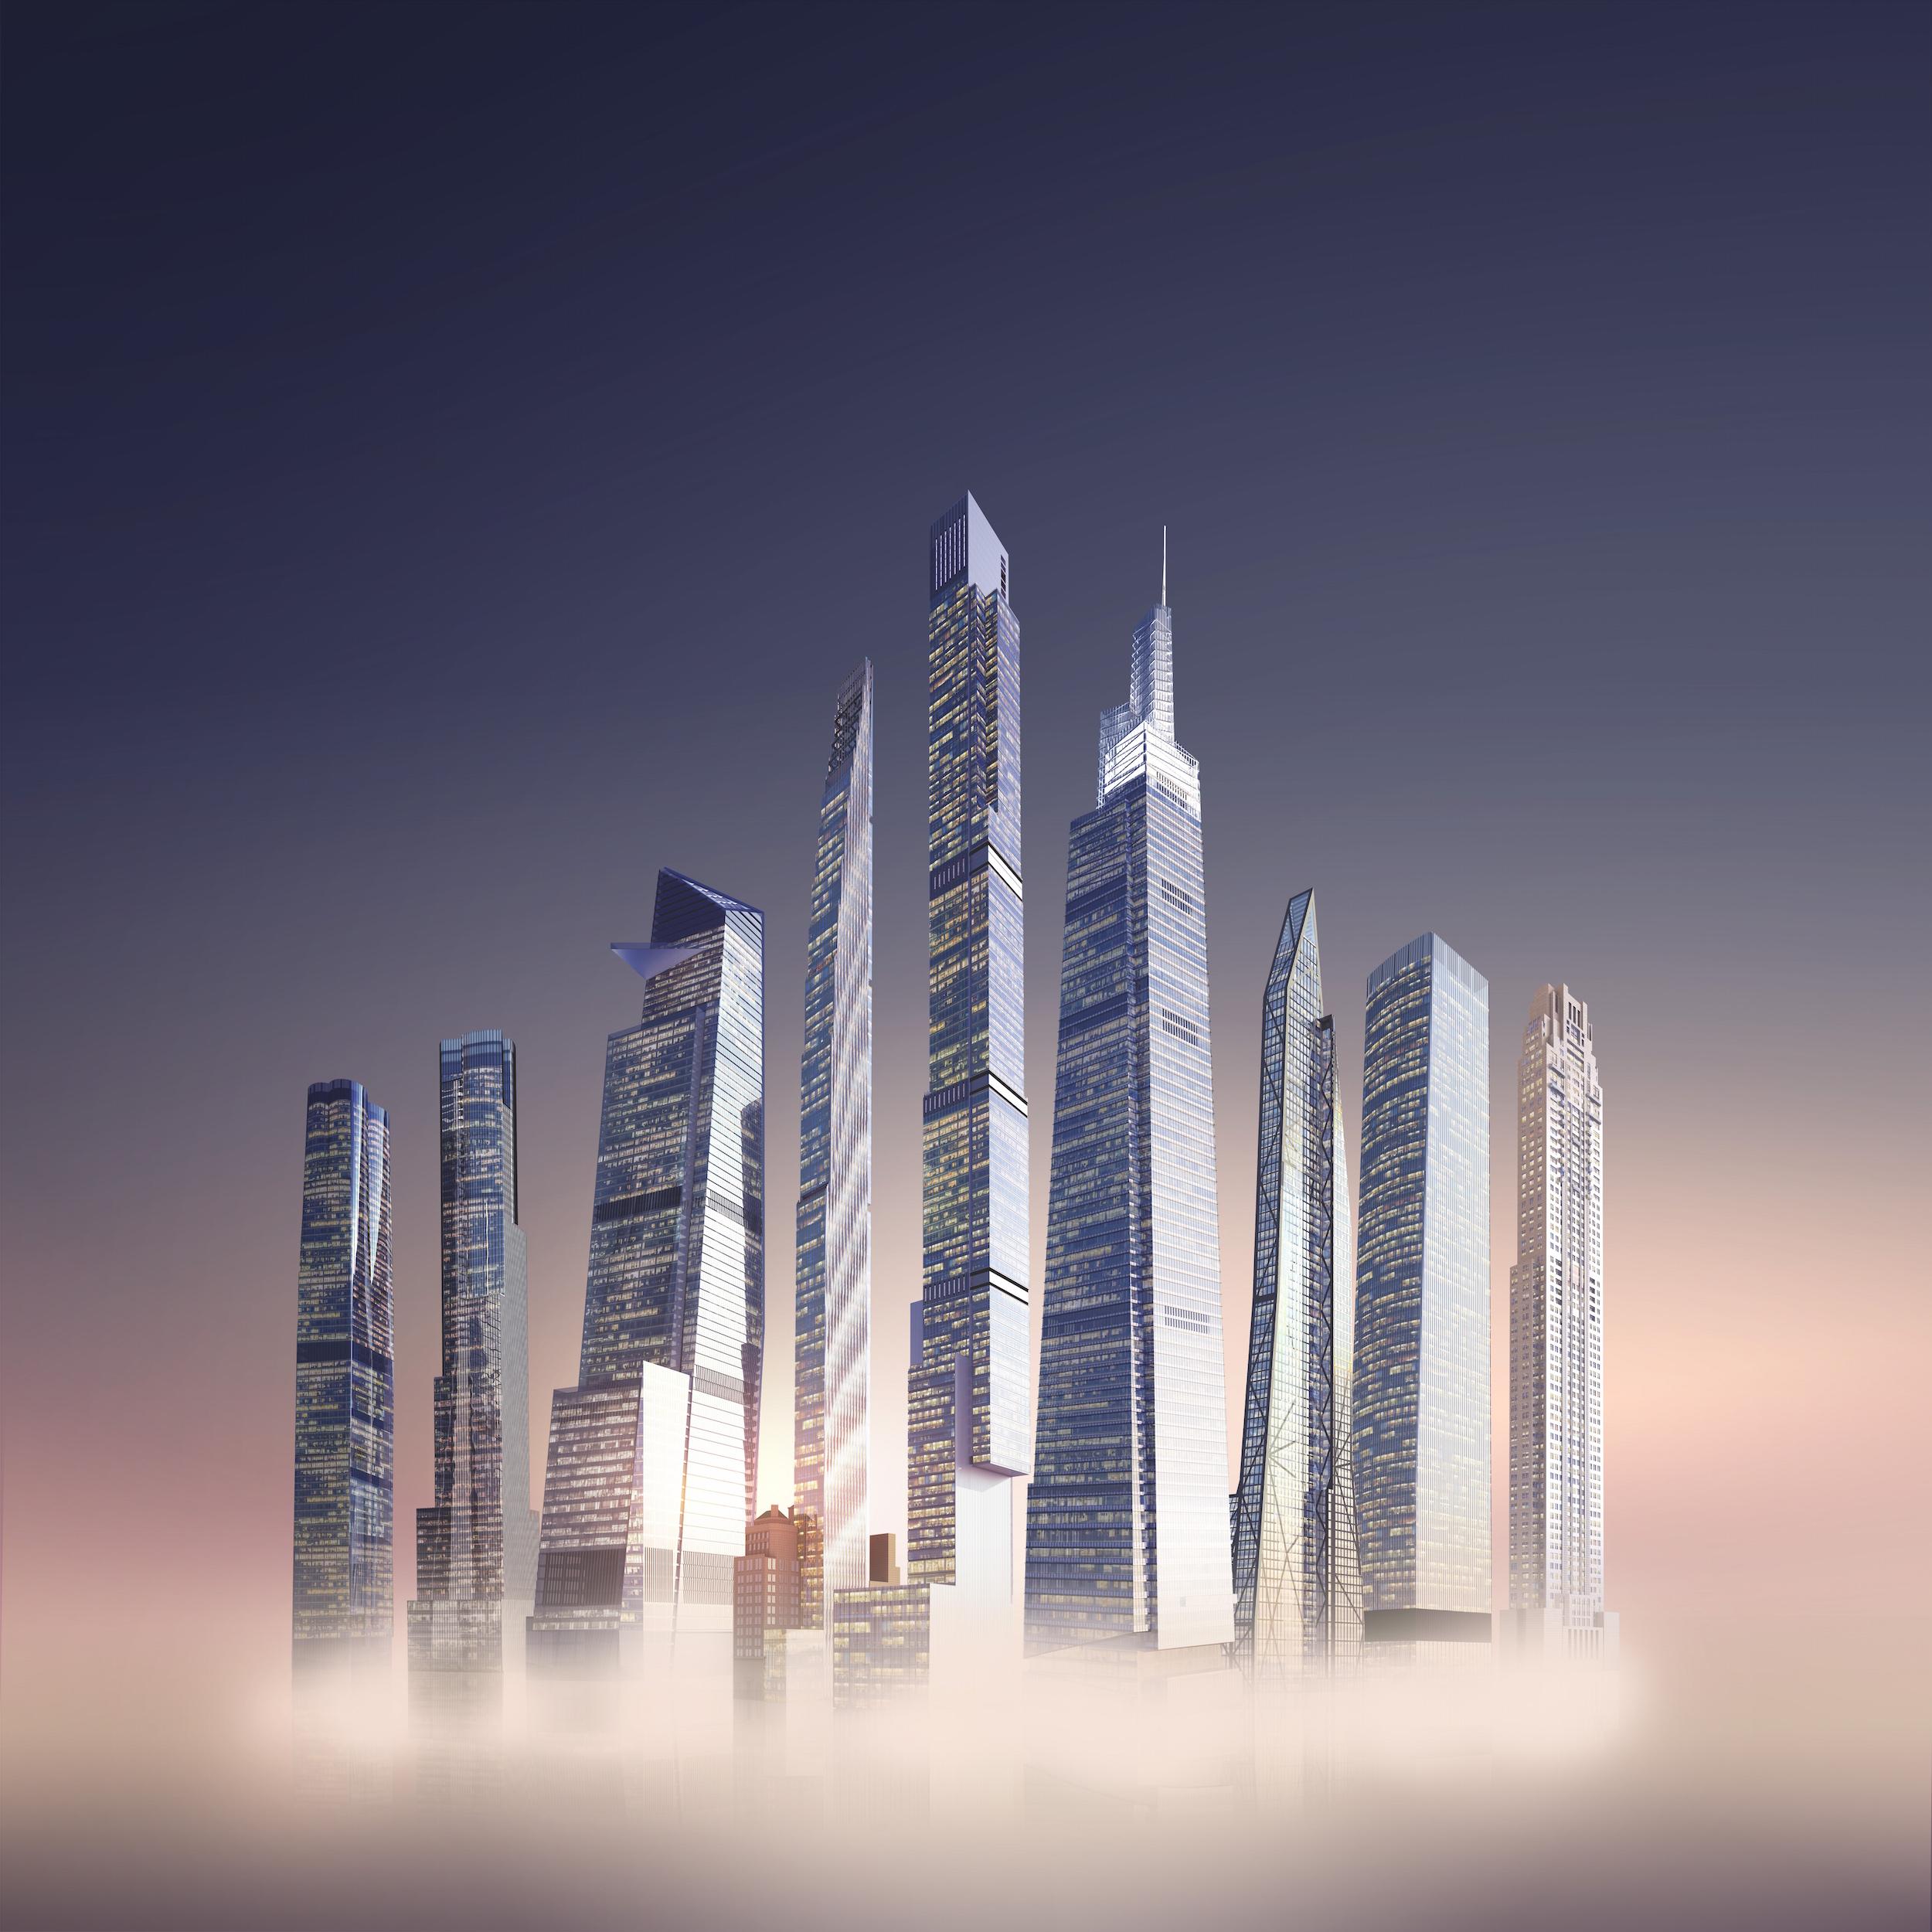 2017 towers, nyc